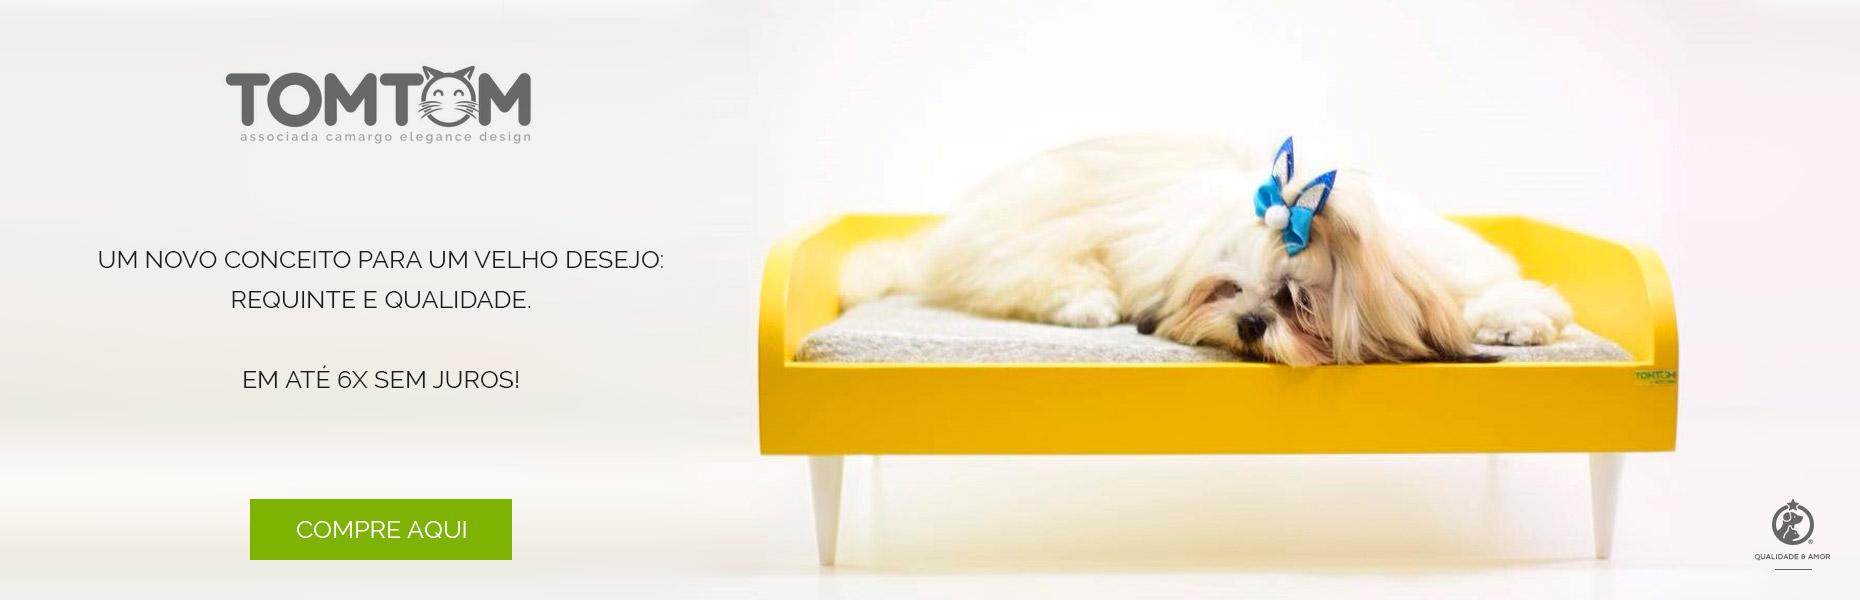 Mobiliário Pet: Tomtom